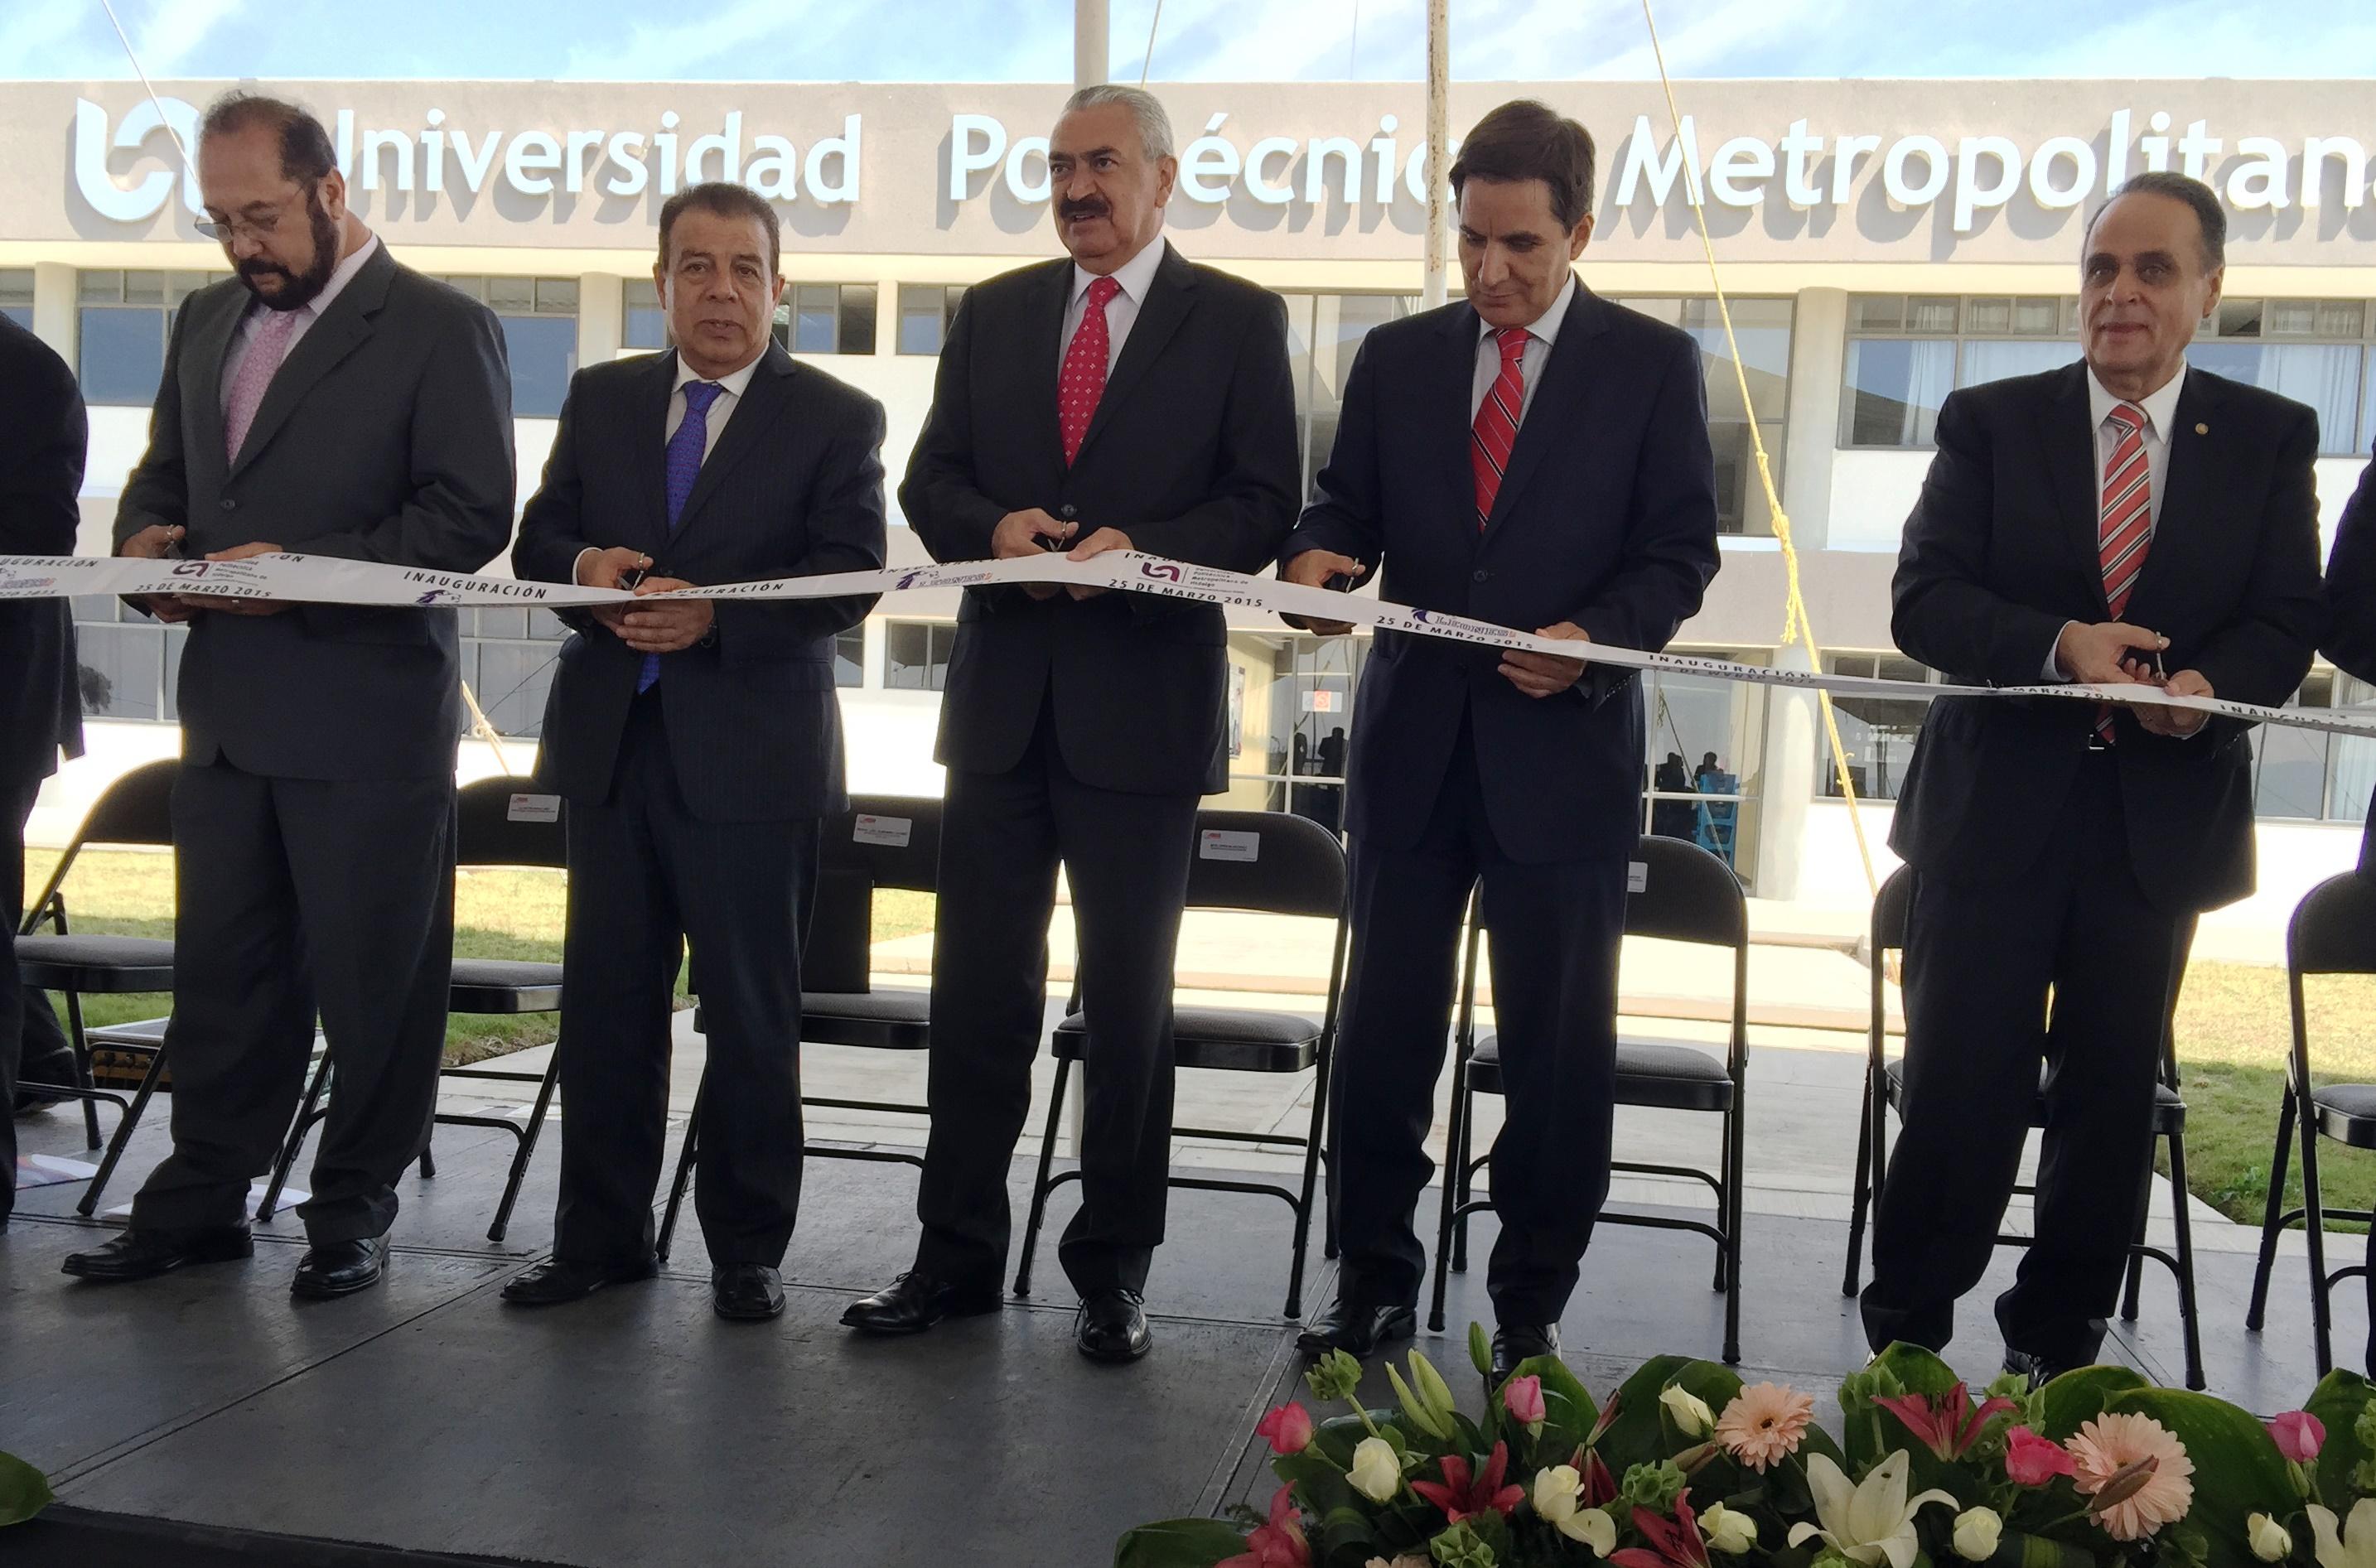 El subsecretario de Educación Superior entregó las instalaciones de la Universidad Politécnica Metropolitana del Estado de Hidalgo